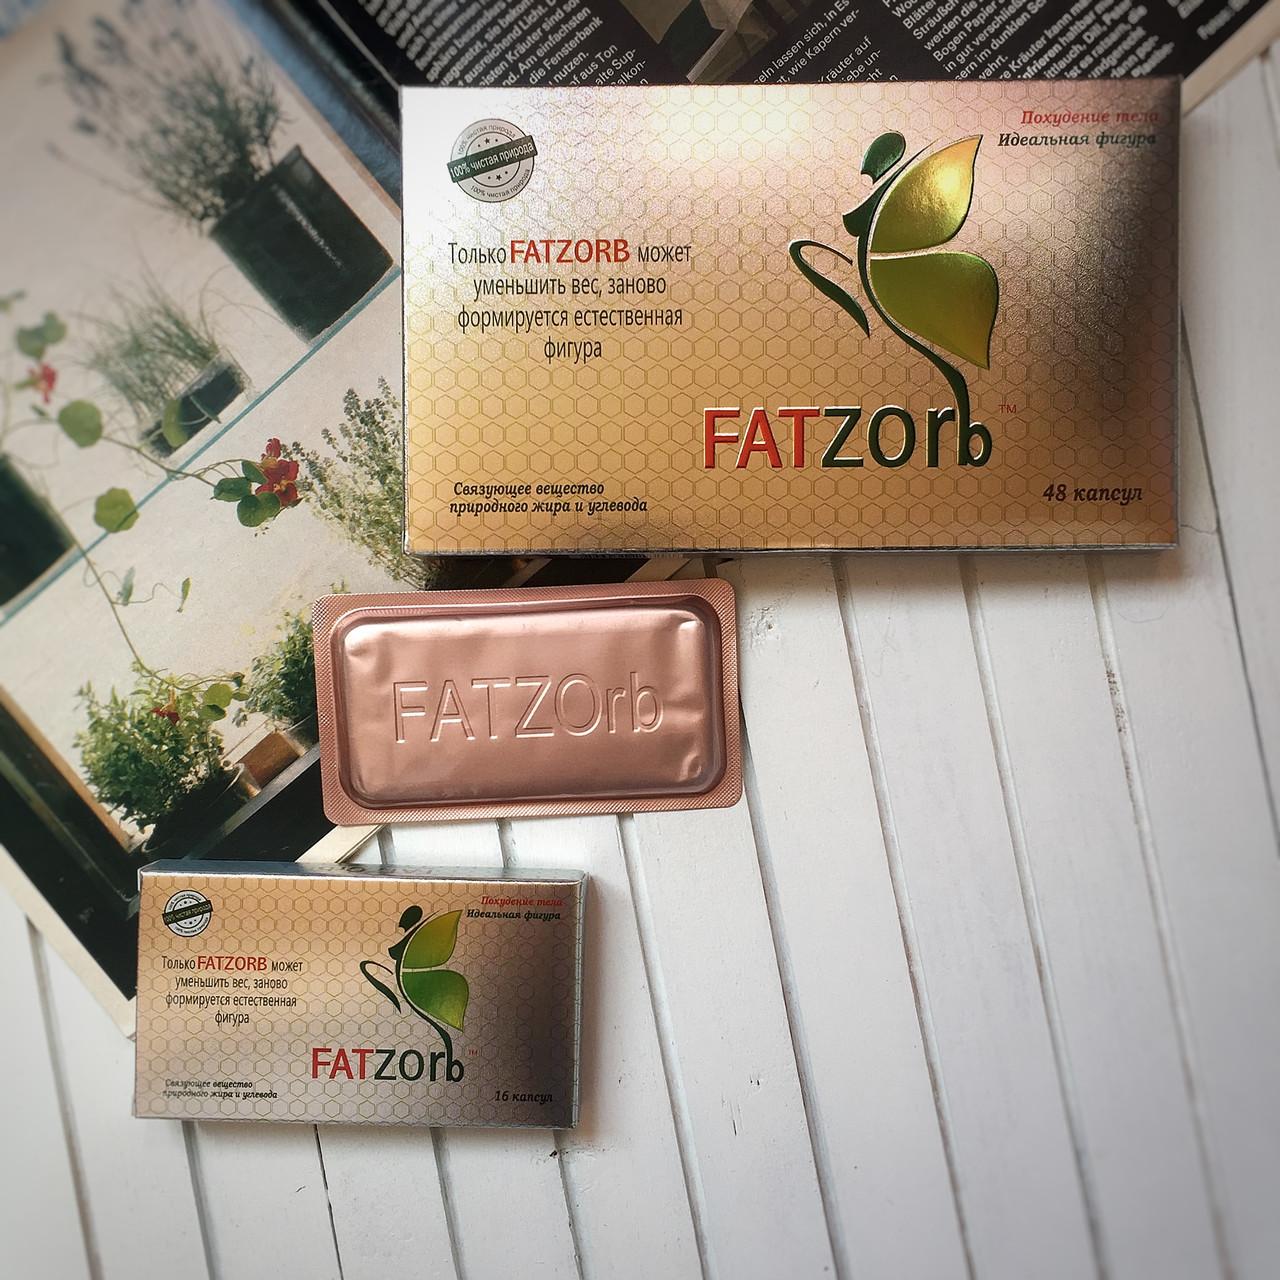 Жиросжигатель Fatzorb (Фатзорб)